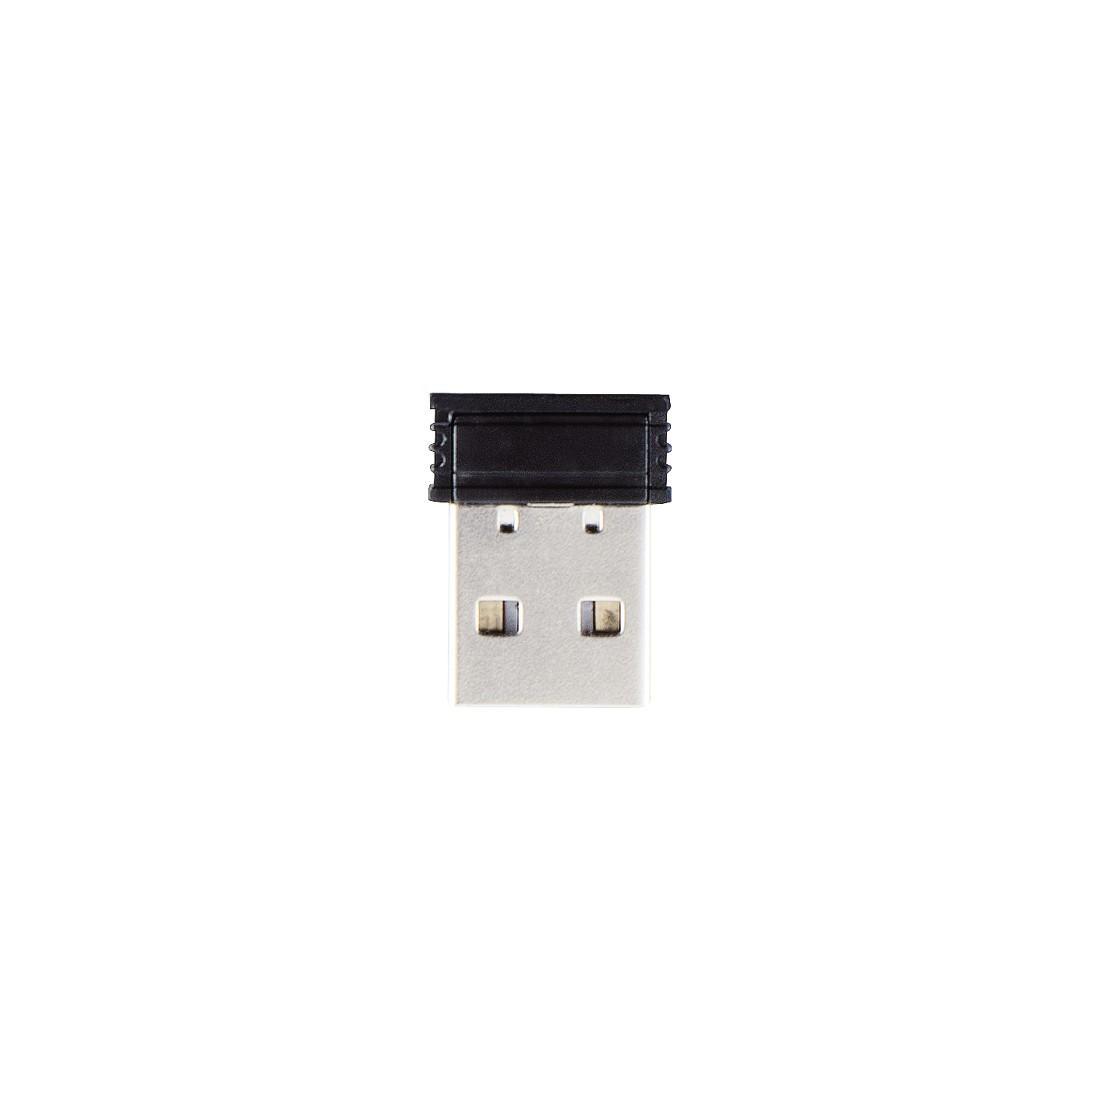 Безжична оптична мишка HAMA MW-110, USB, 1000 dpi, 3 бутона, Черен-3